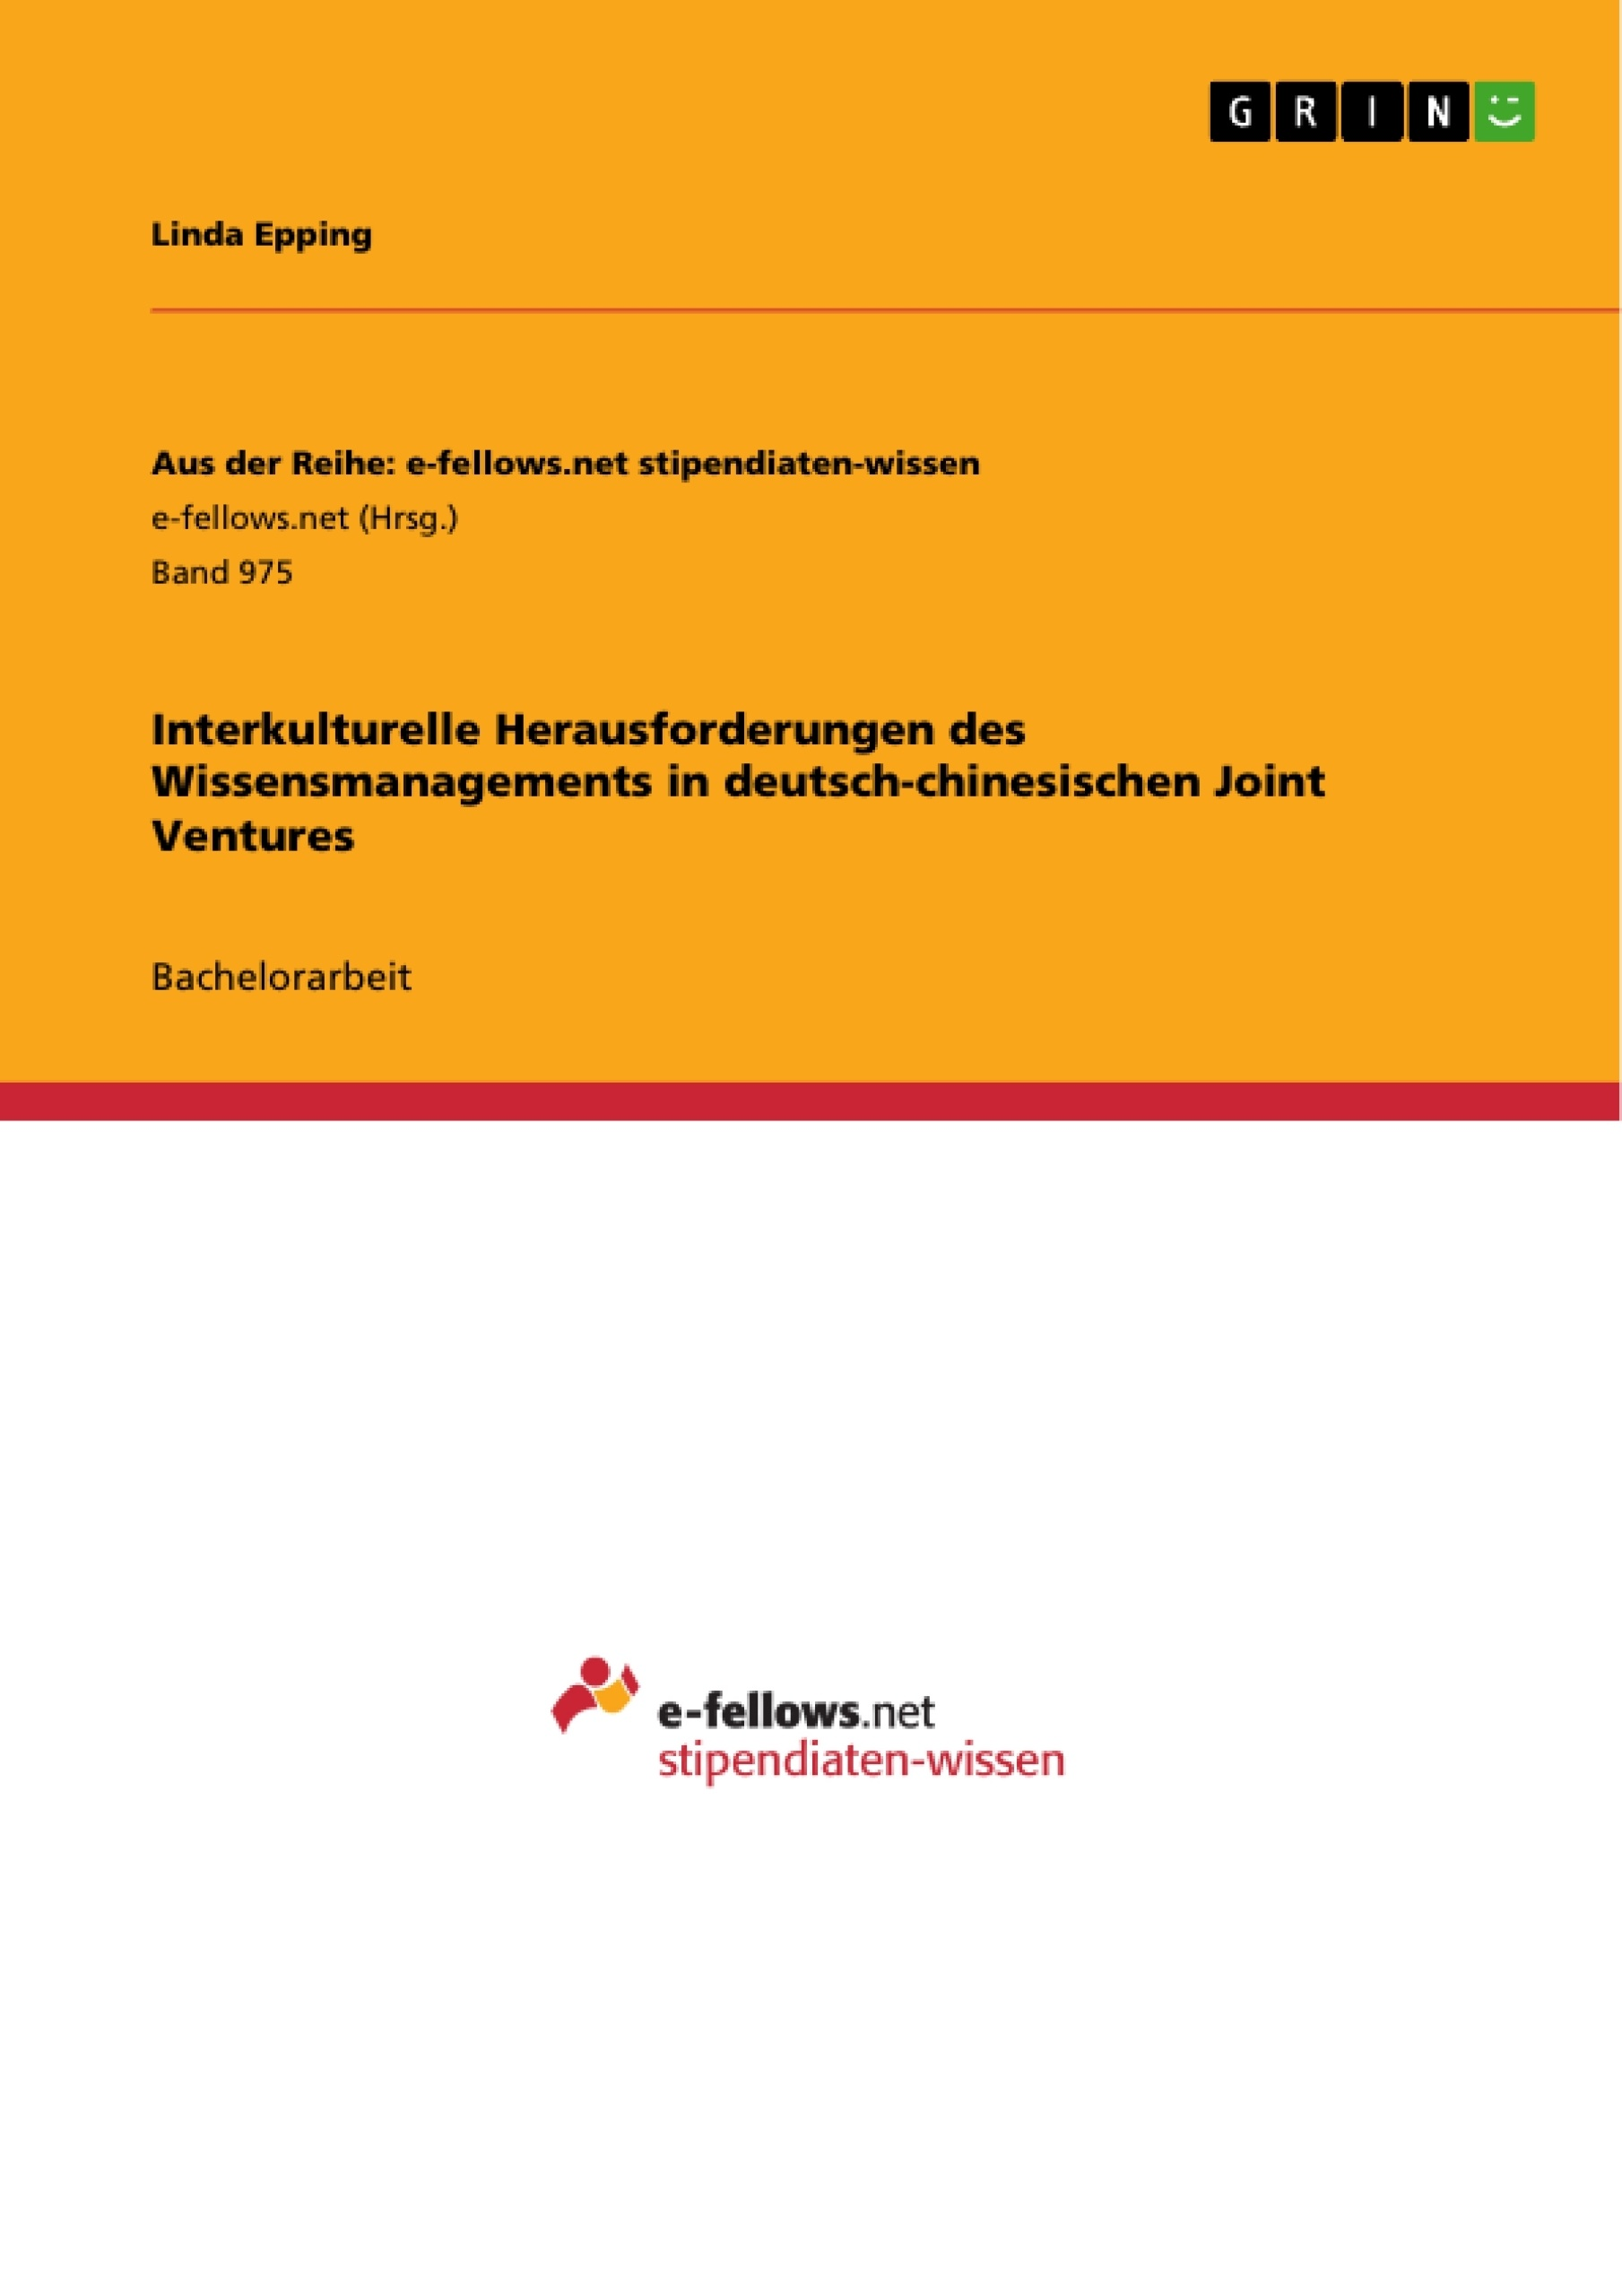 Titel: Interkulturelle Herausforderungen des Wissensmanagements in deutsch-chinesischen Joint Ventures